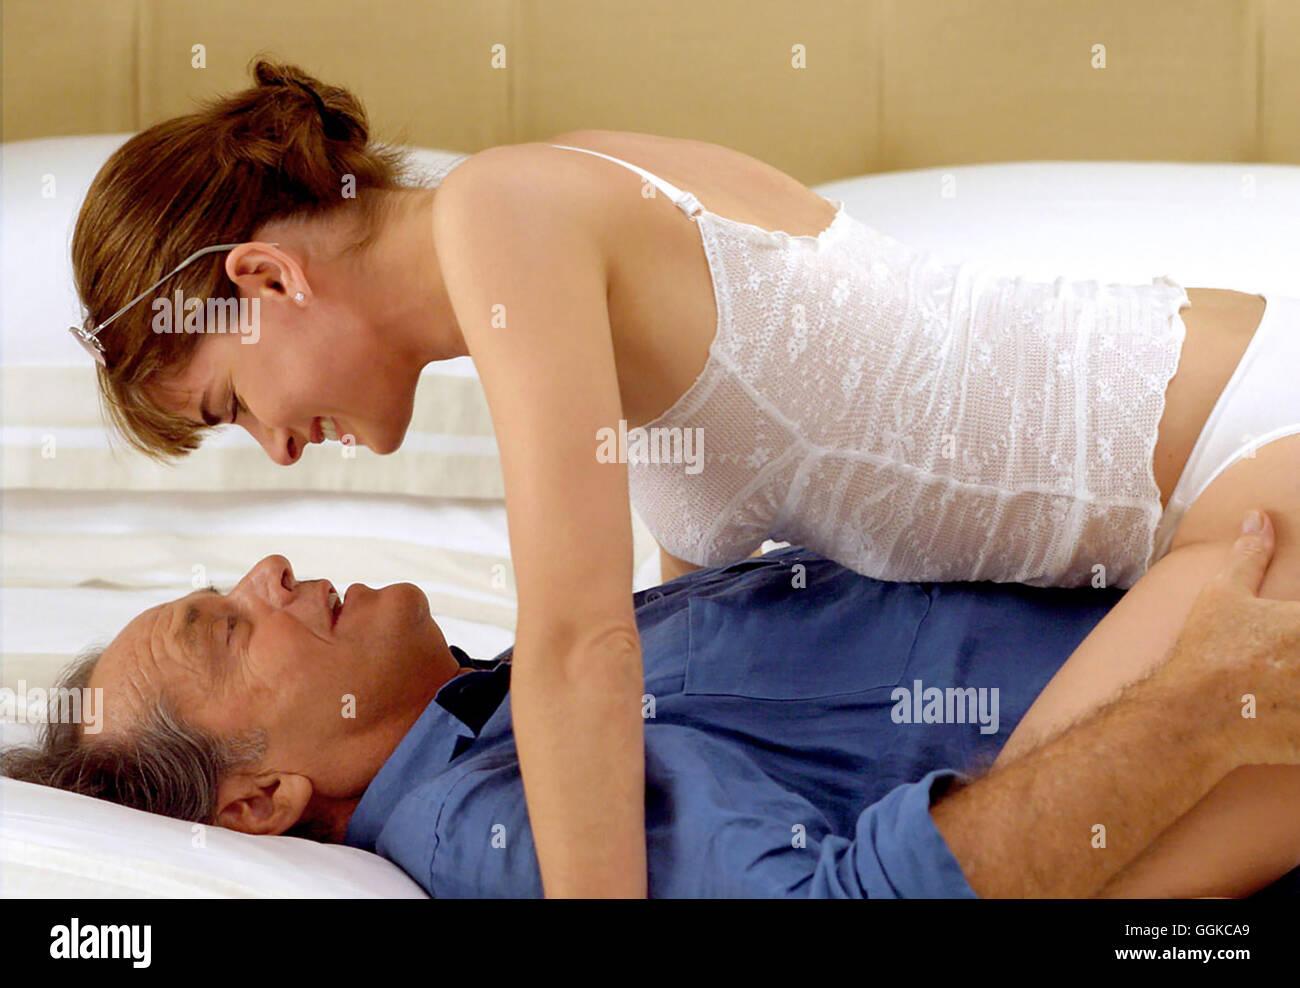 Фото секс мальчик и тетя, Зрелые тетки хотя молодых парней порно фото 15 фотография